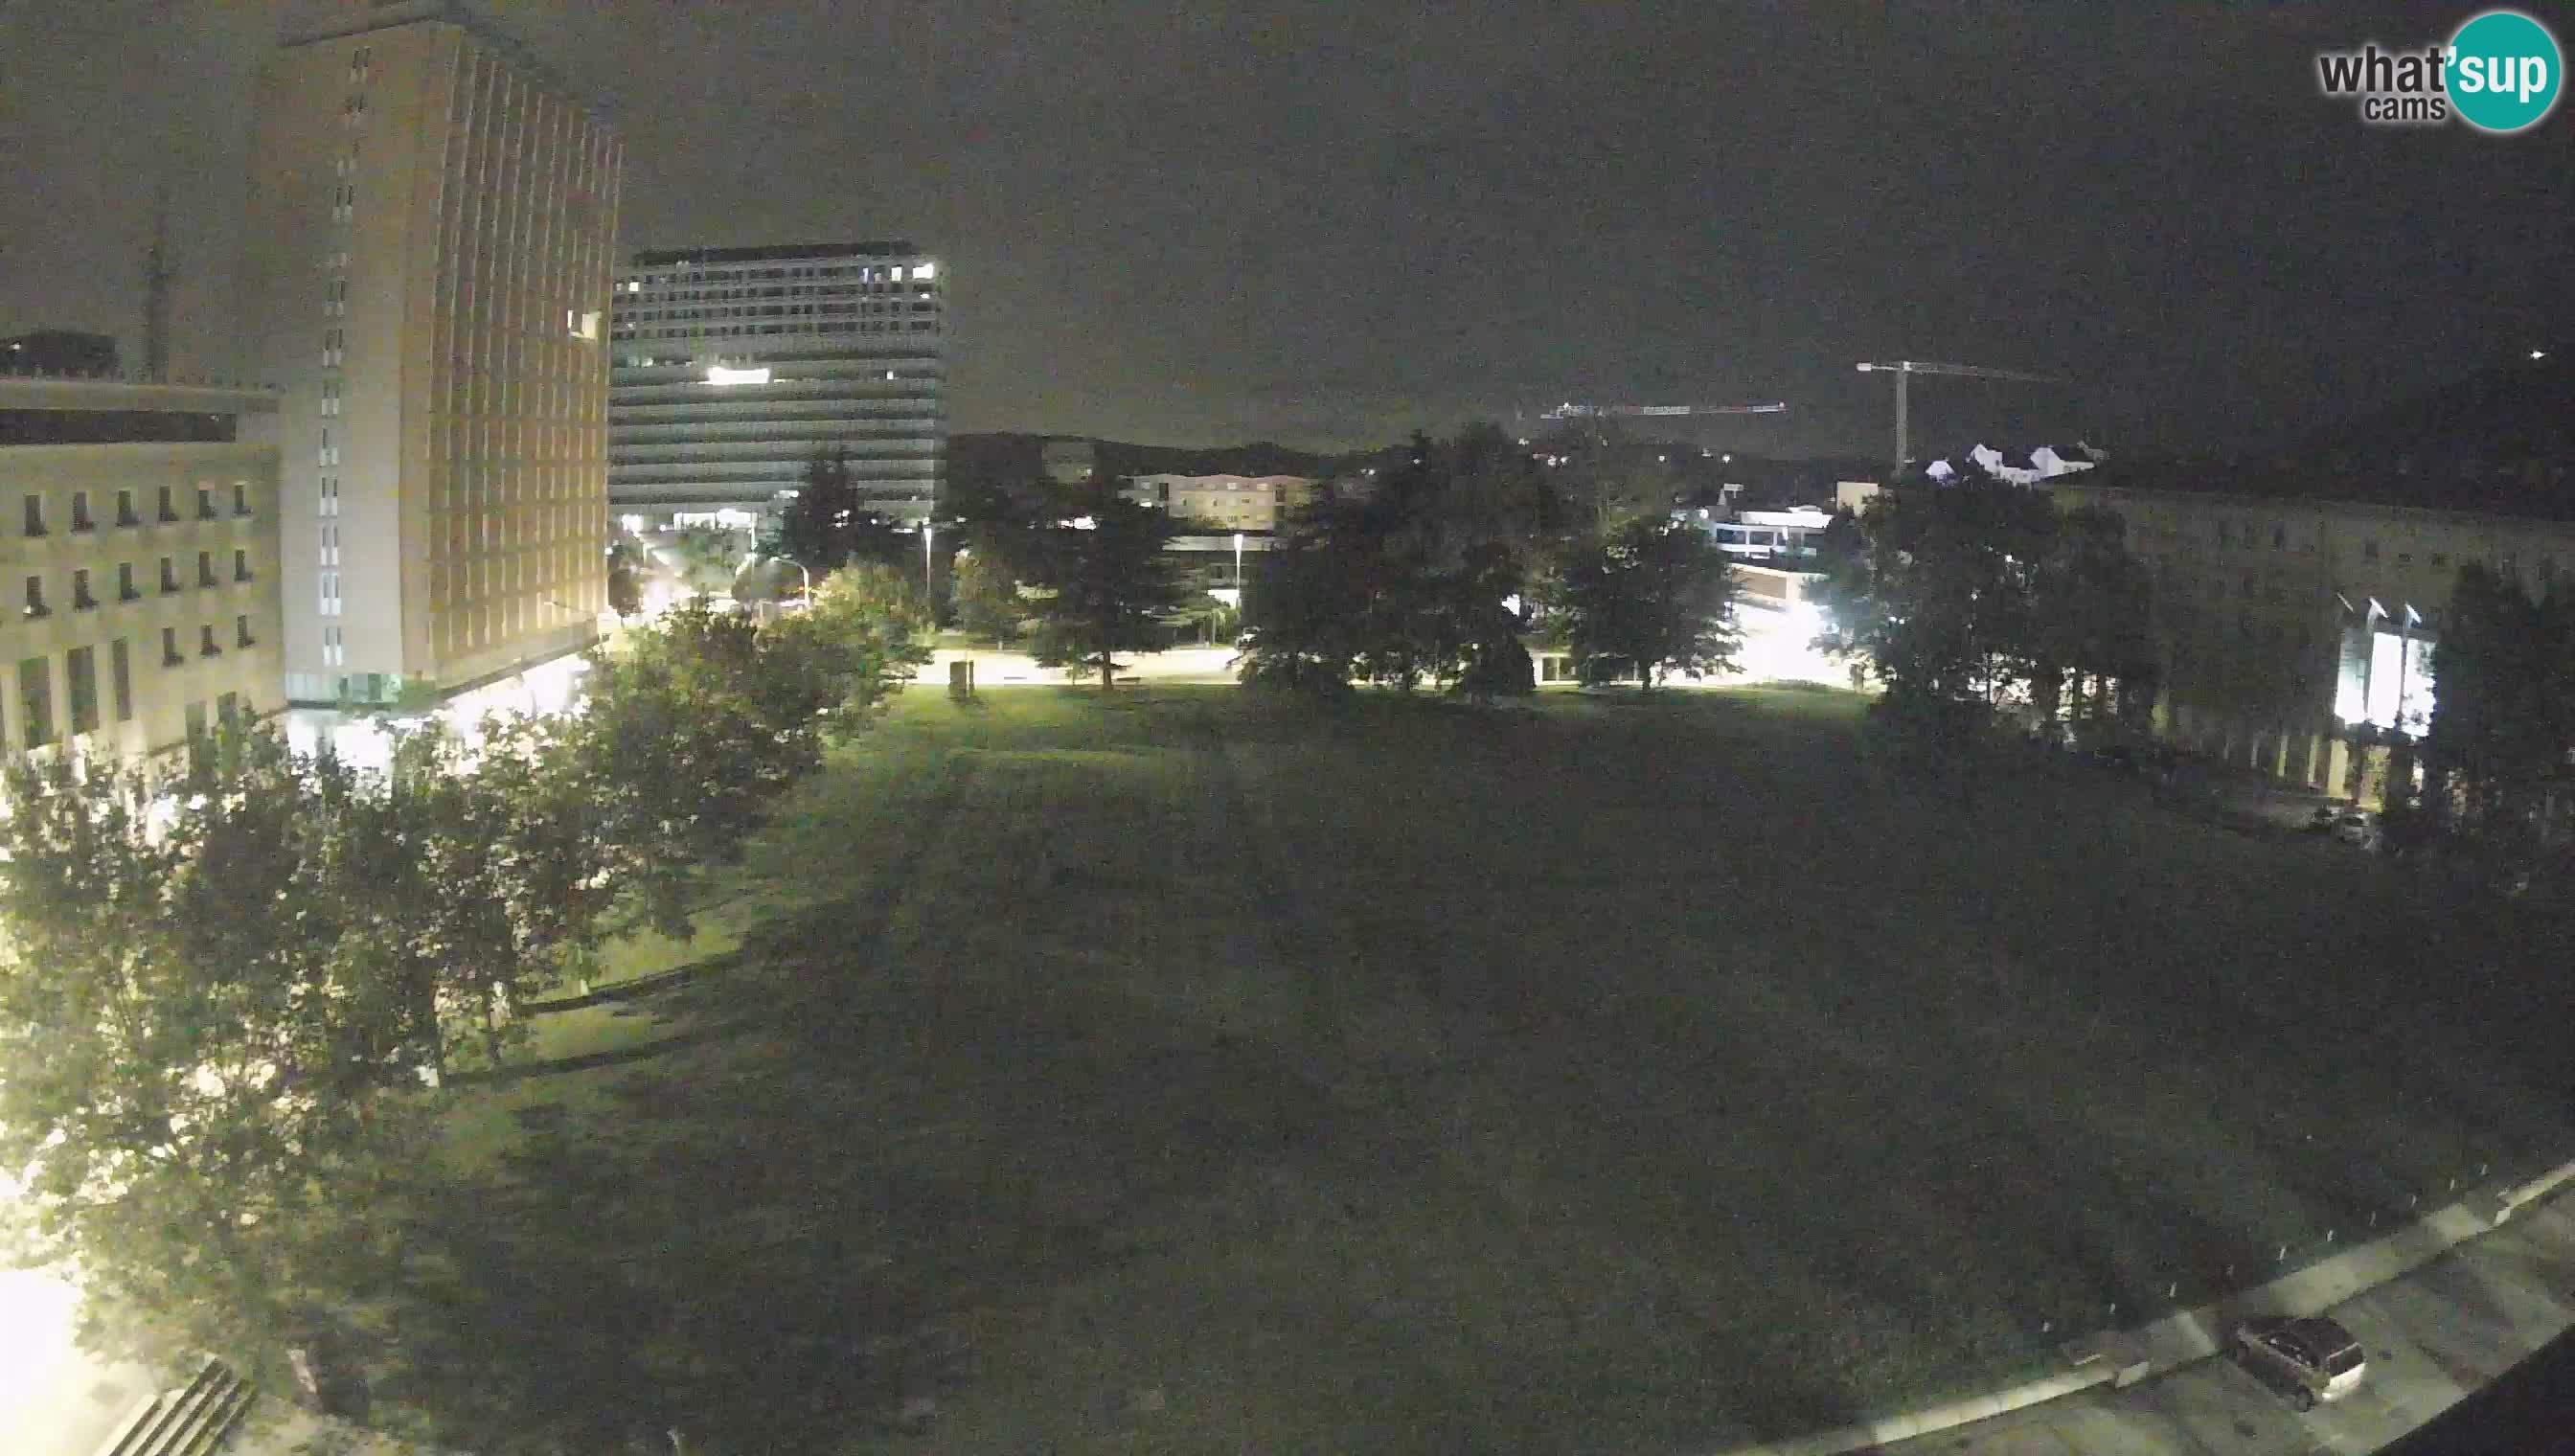 Camera en vivo Nova Gorica – Plaza Edvard Kardelj